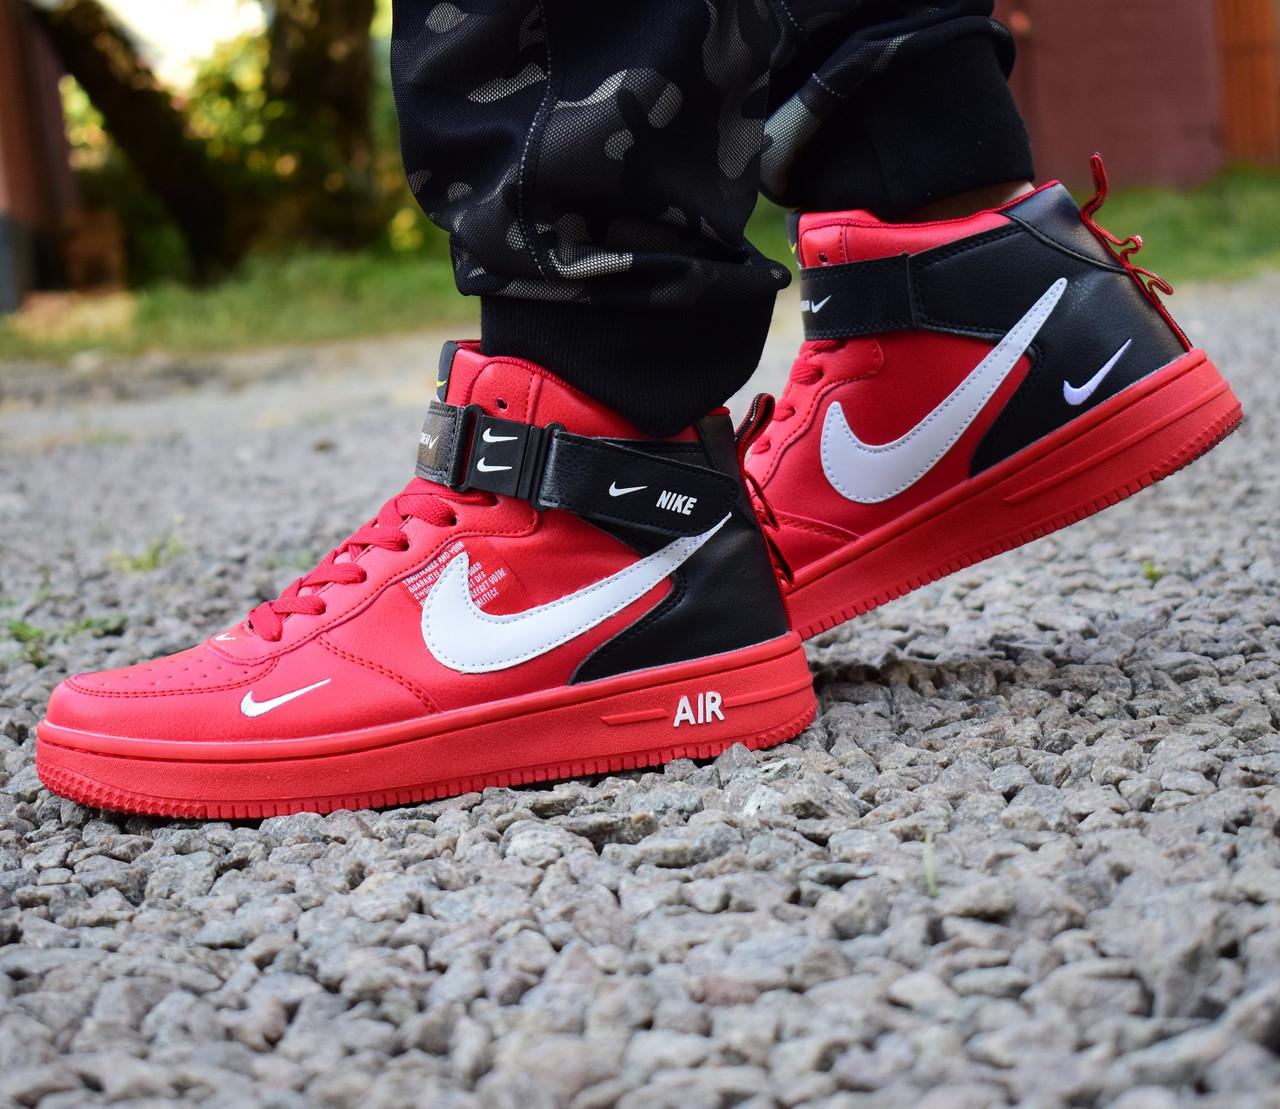 Nike Air Force 1 красные High